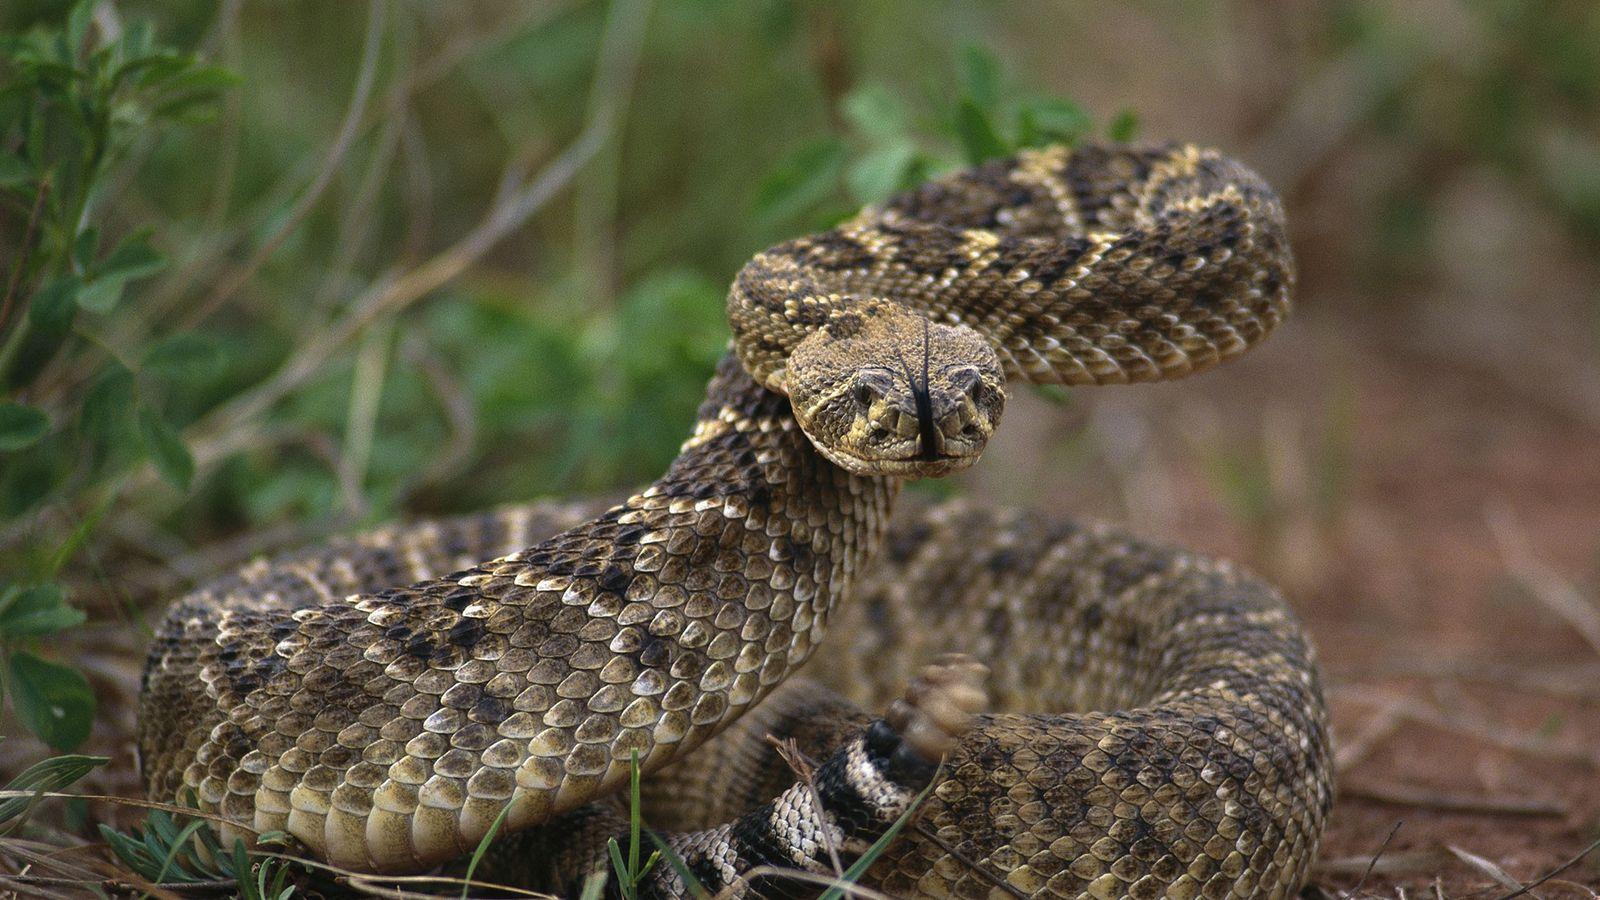 Texas-Klapperschlangen haben vor Menschen vermutlich mehr zu befürchten als die Menschen vor ihnen. Dennoch sollte man ...